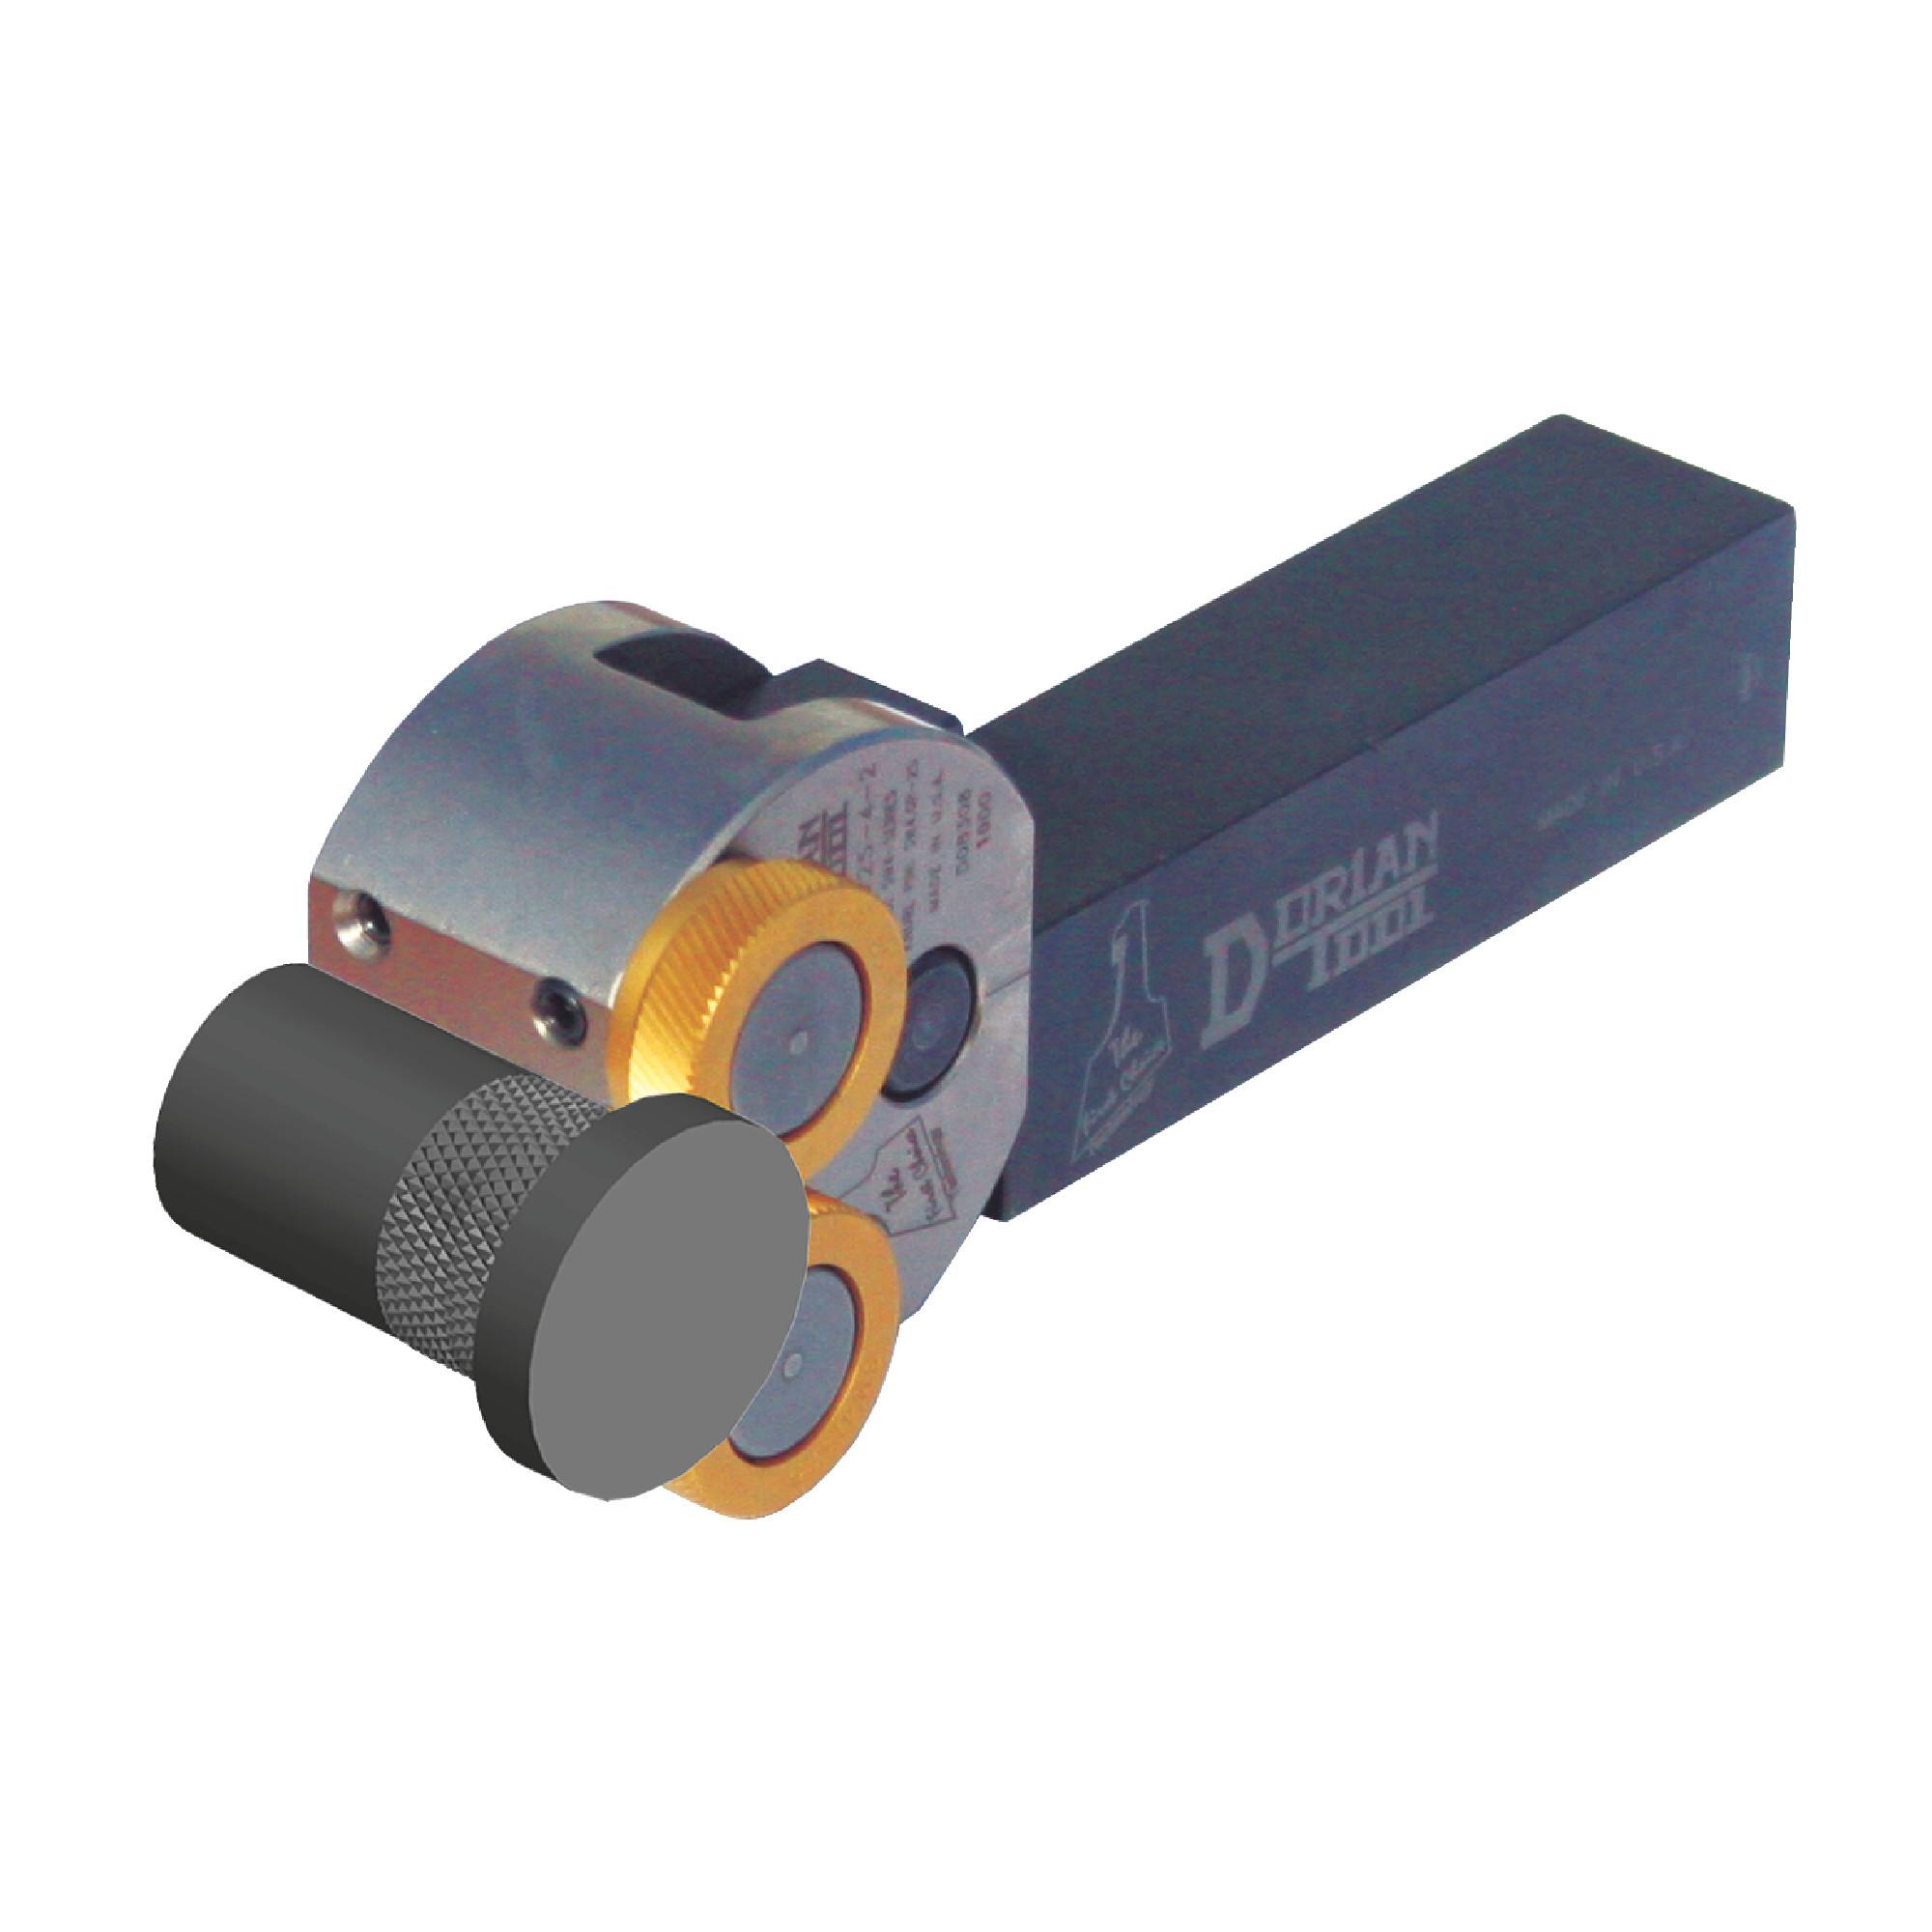 SSCK - Shoulder Self-Centering Knurling Tools For CNC Lathe